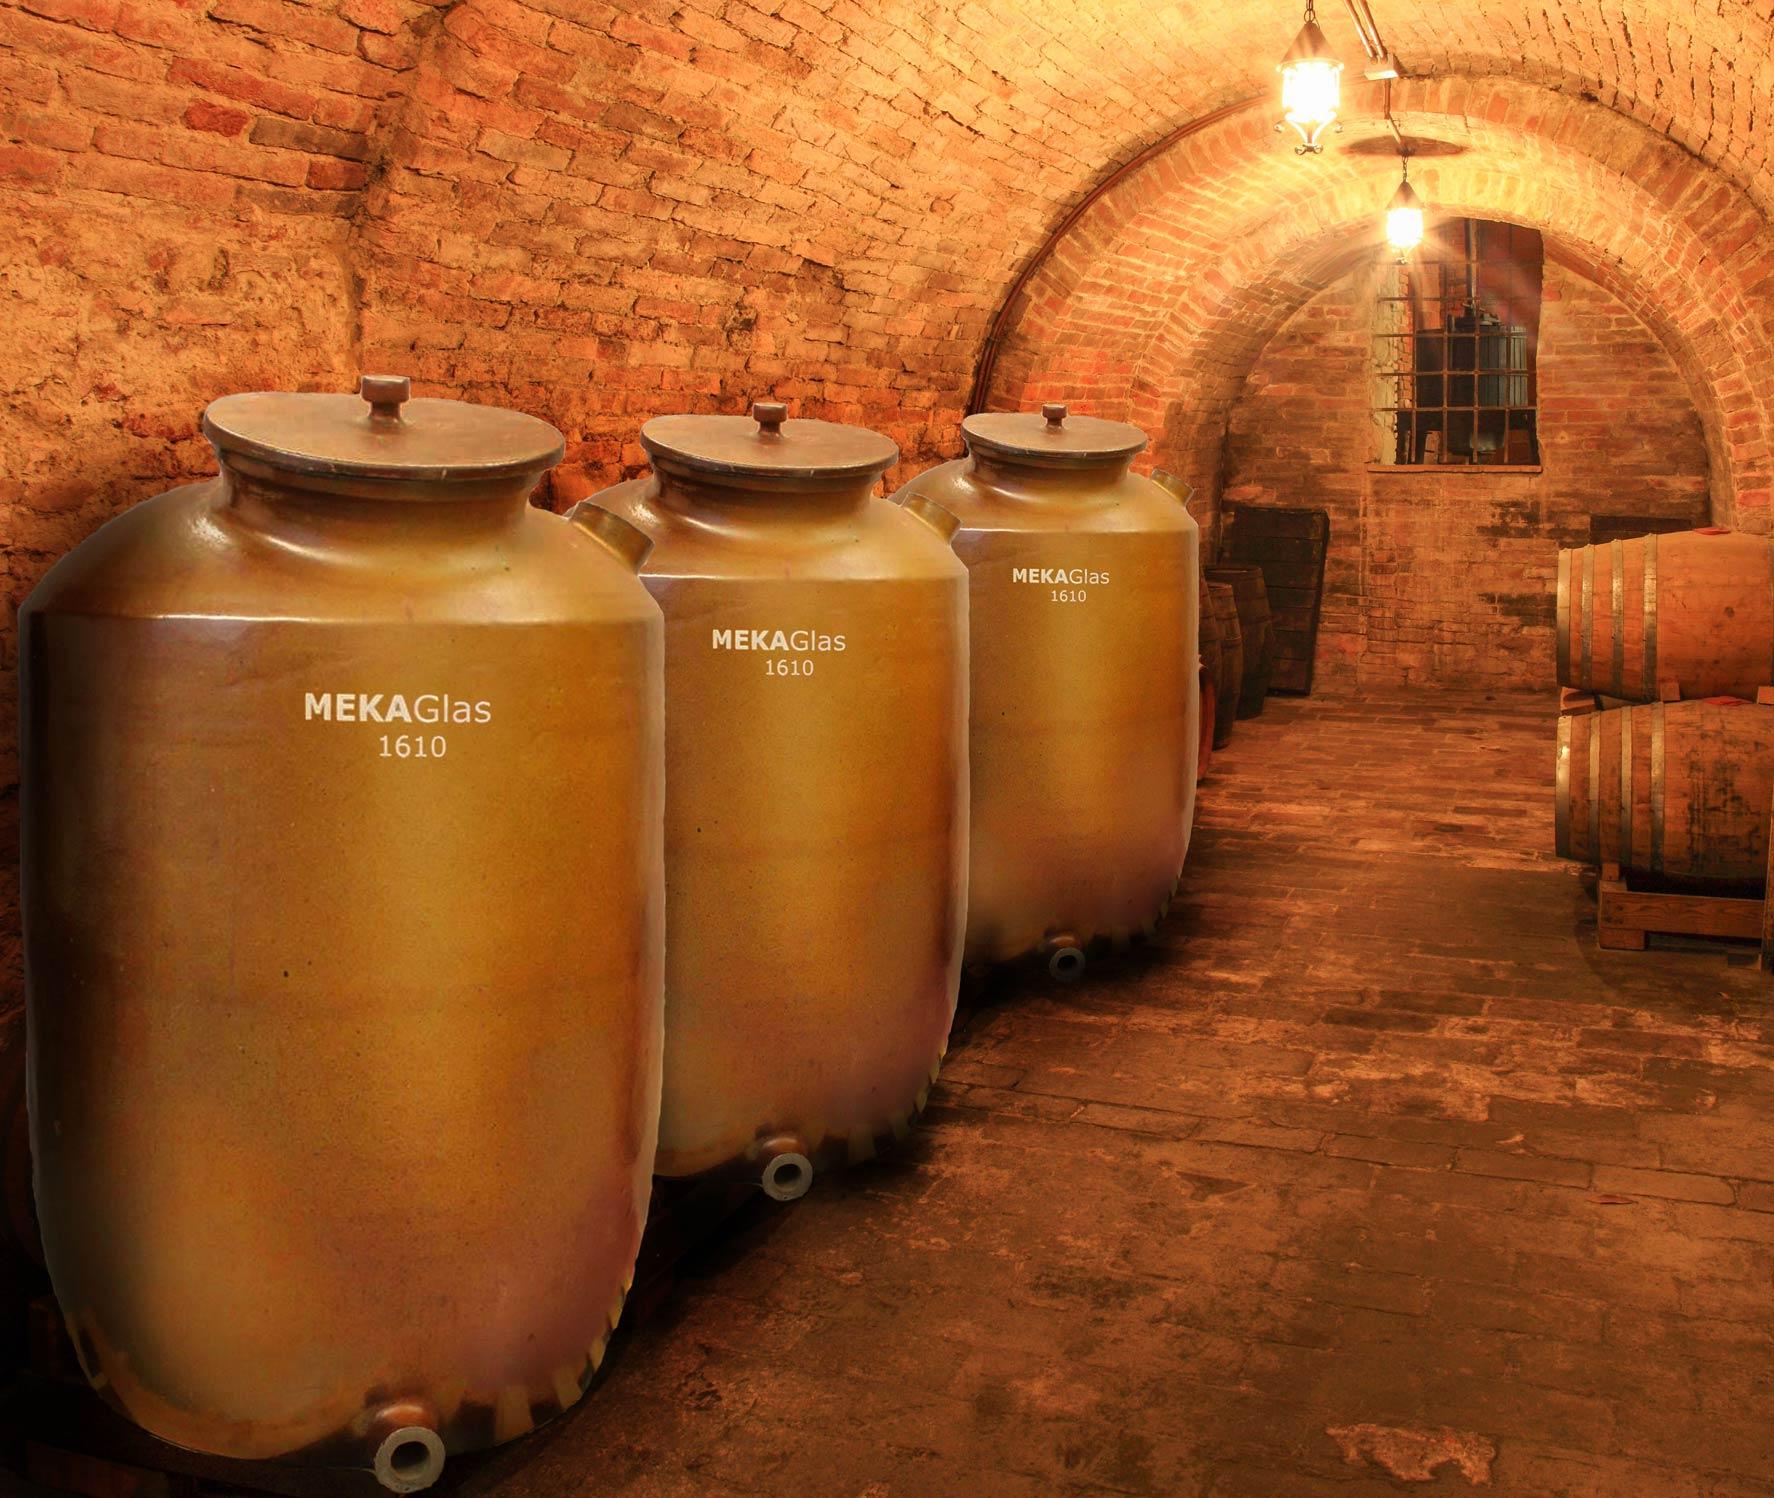 Tonbehälter mit 950 Litern Fassungsvermögen